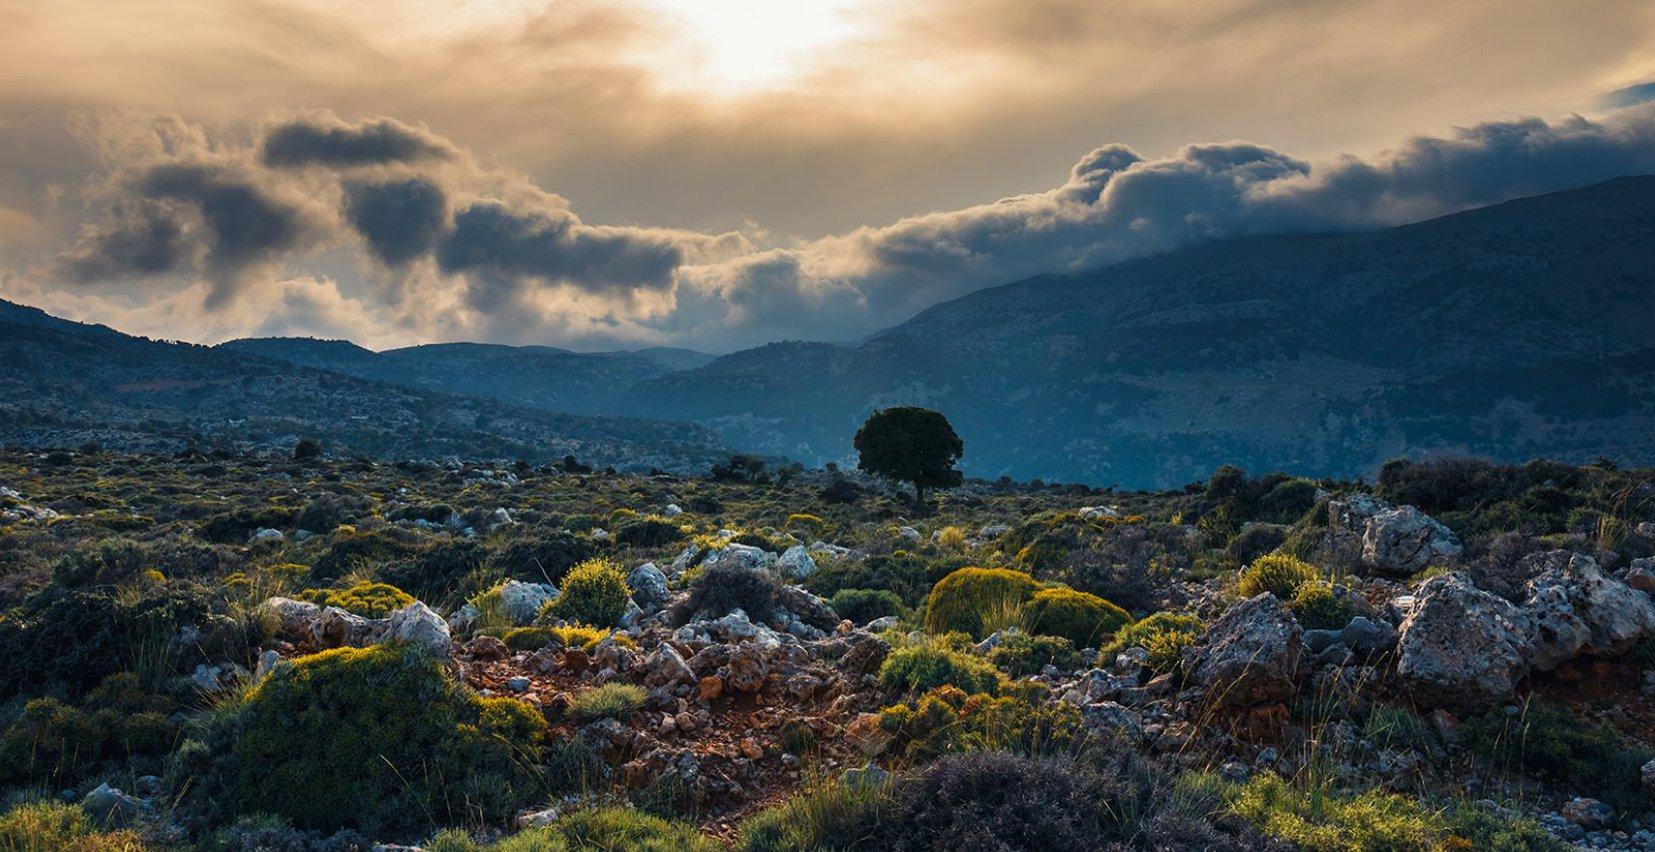 Η εκπληκτική θέα της φύσης και των βουνών όπου προσφέρει η Κρήτη